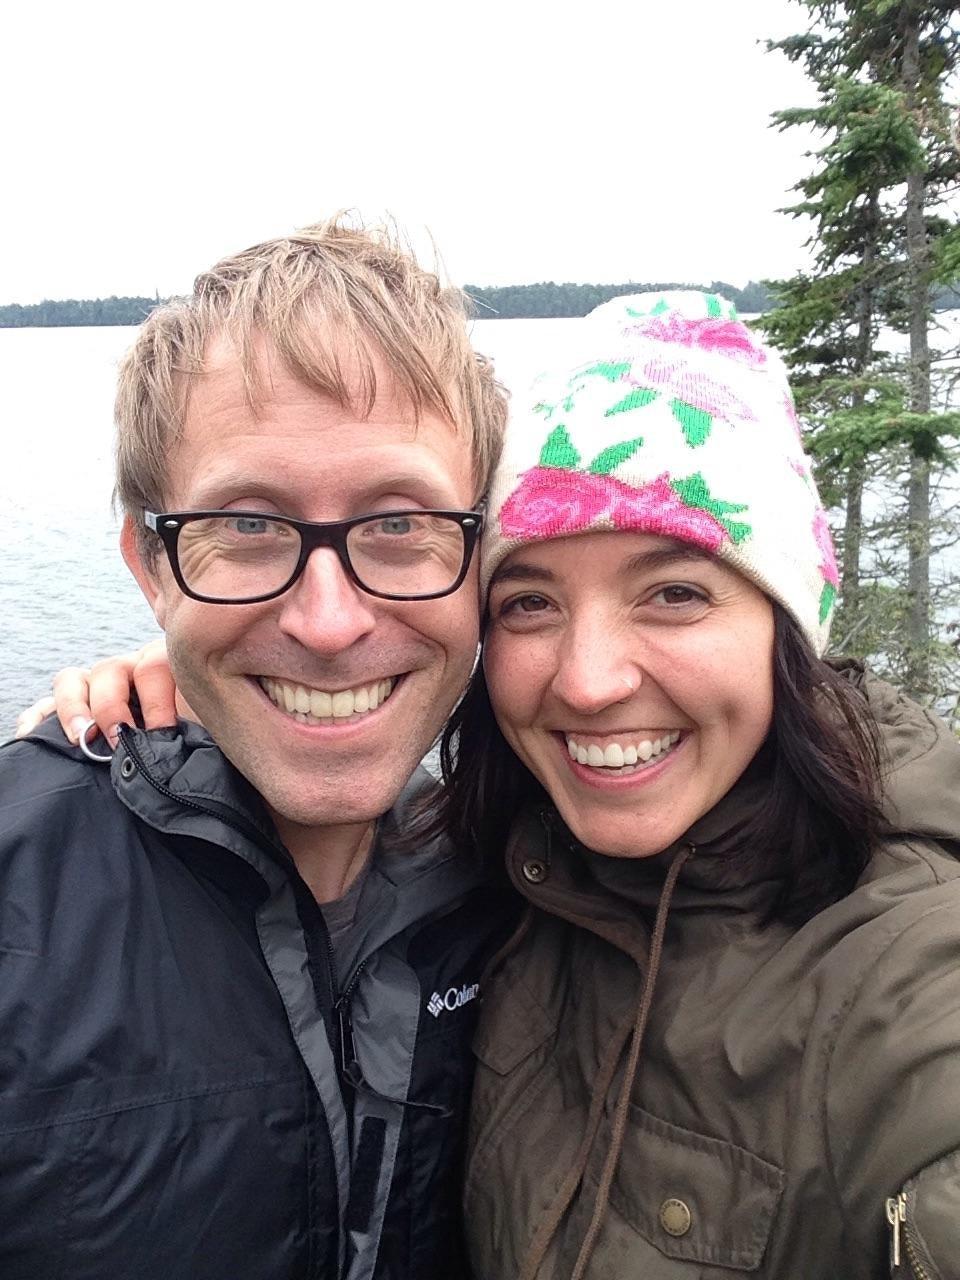 Sarah & Nick P.